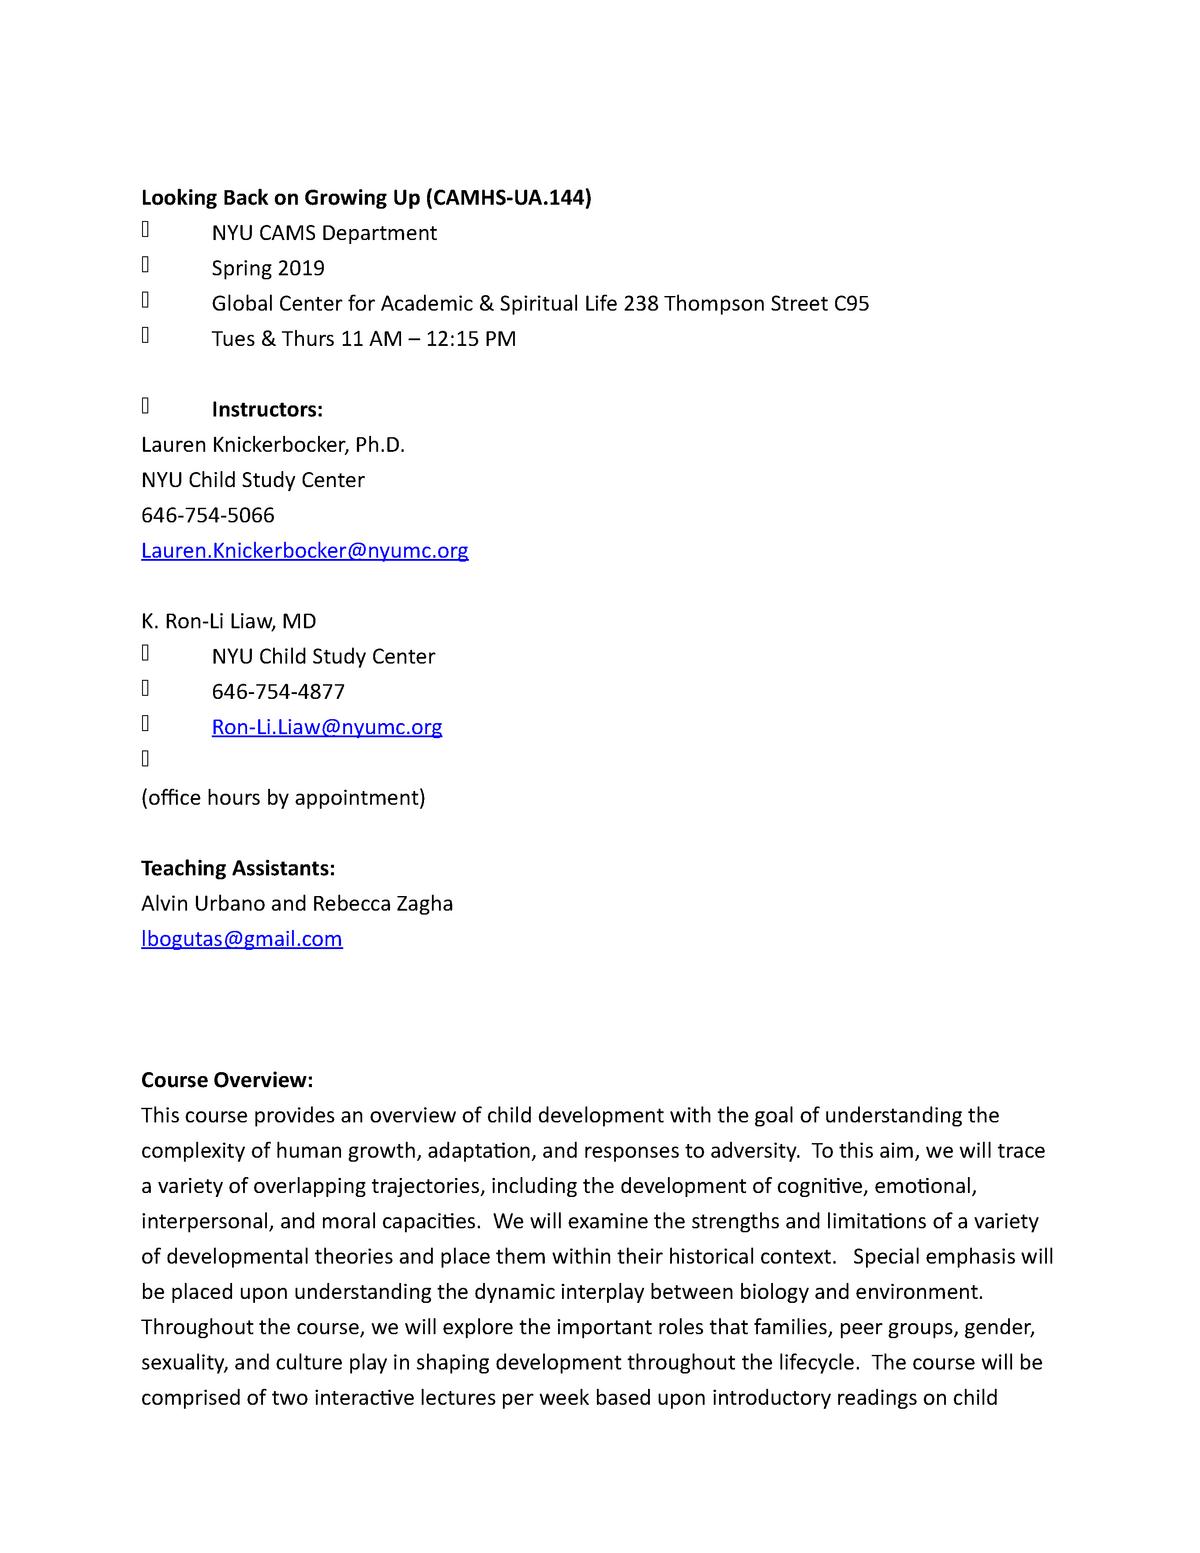 LBGU Syllabus Spring 2019 - CAMSUA144 - StuDocu